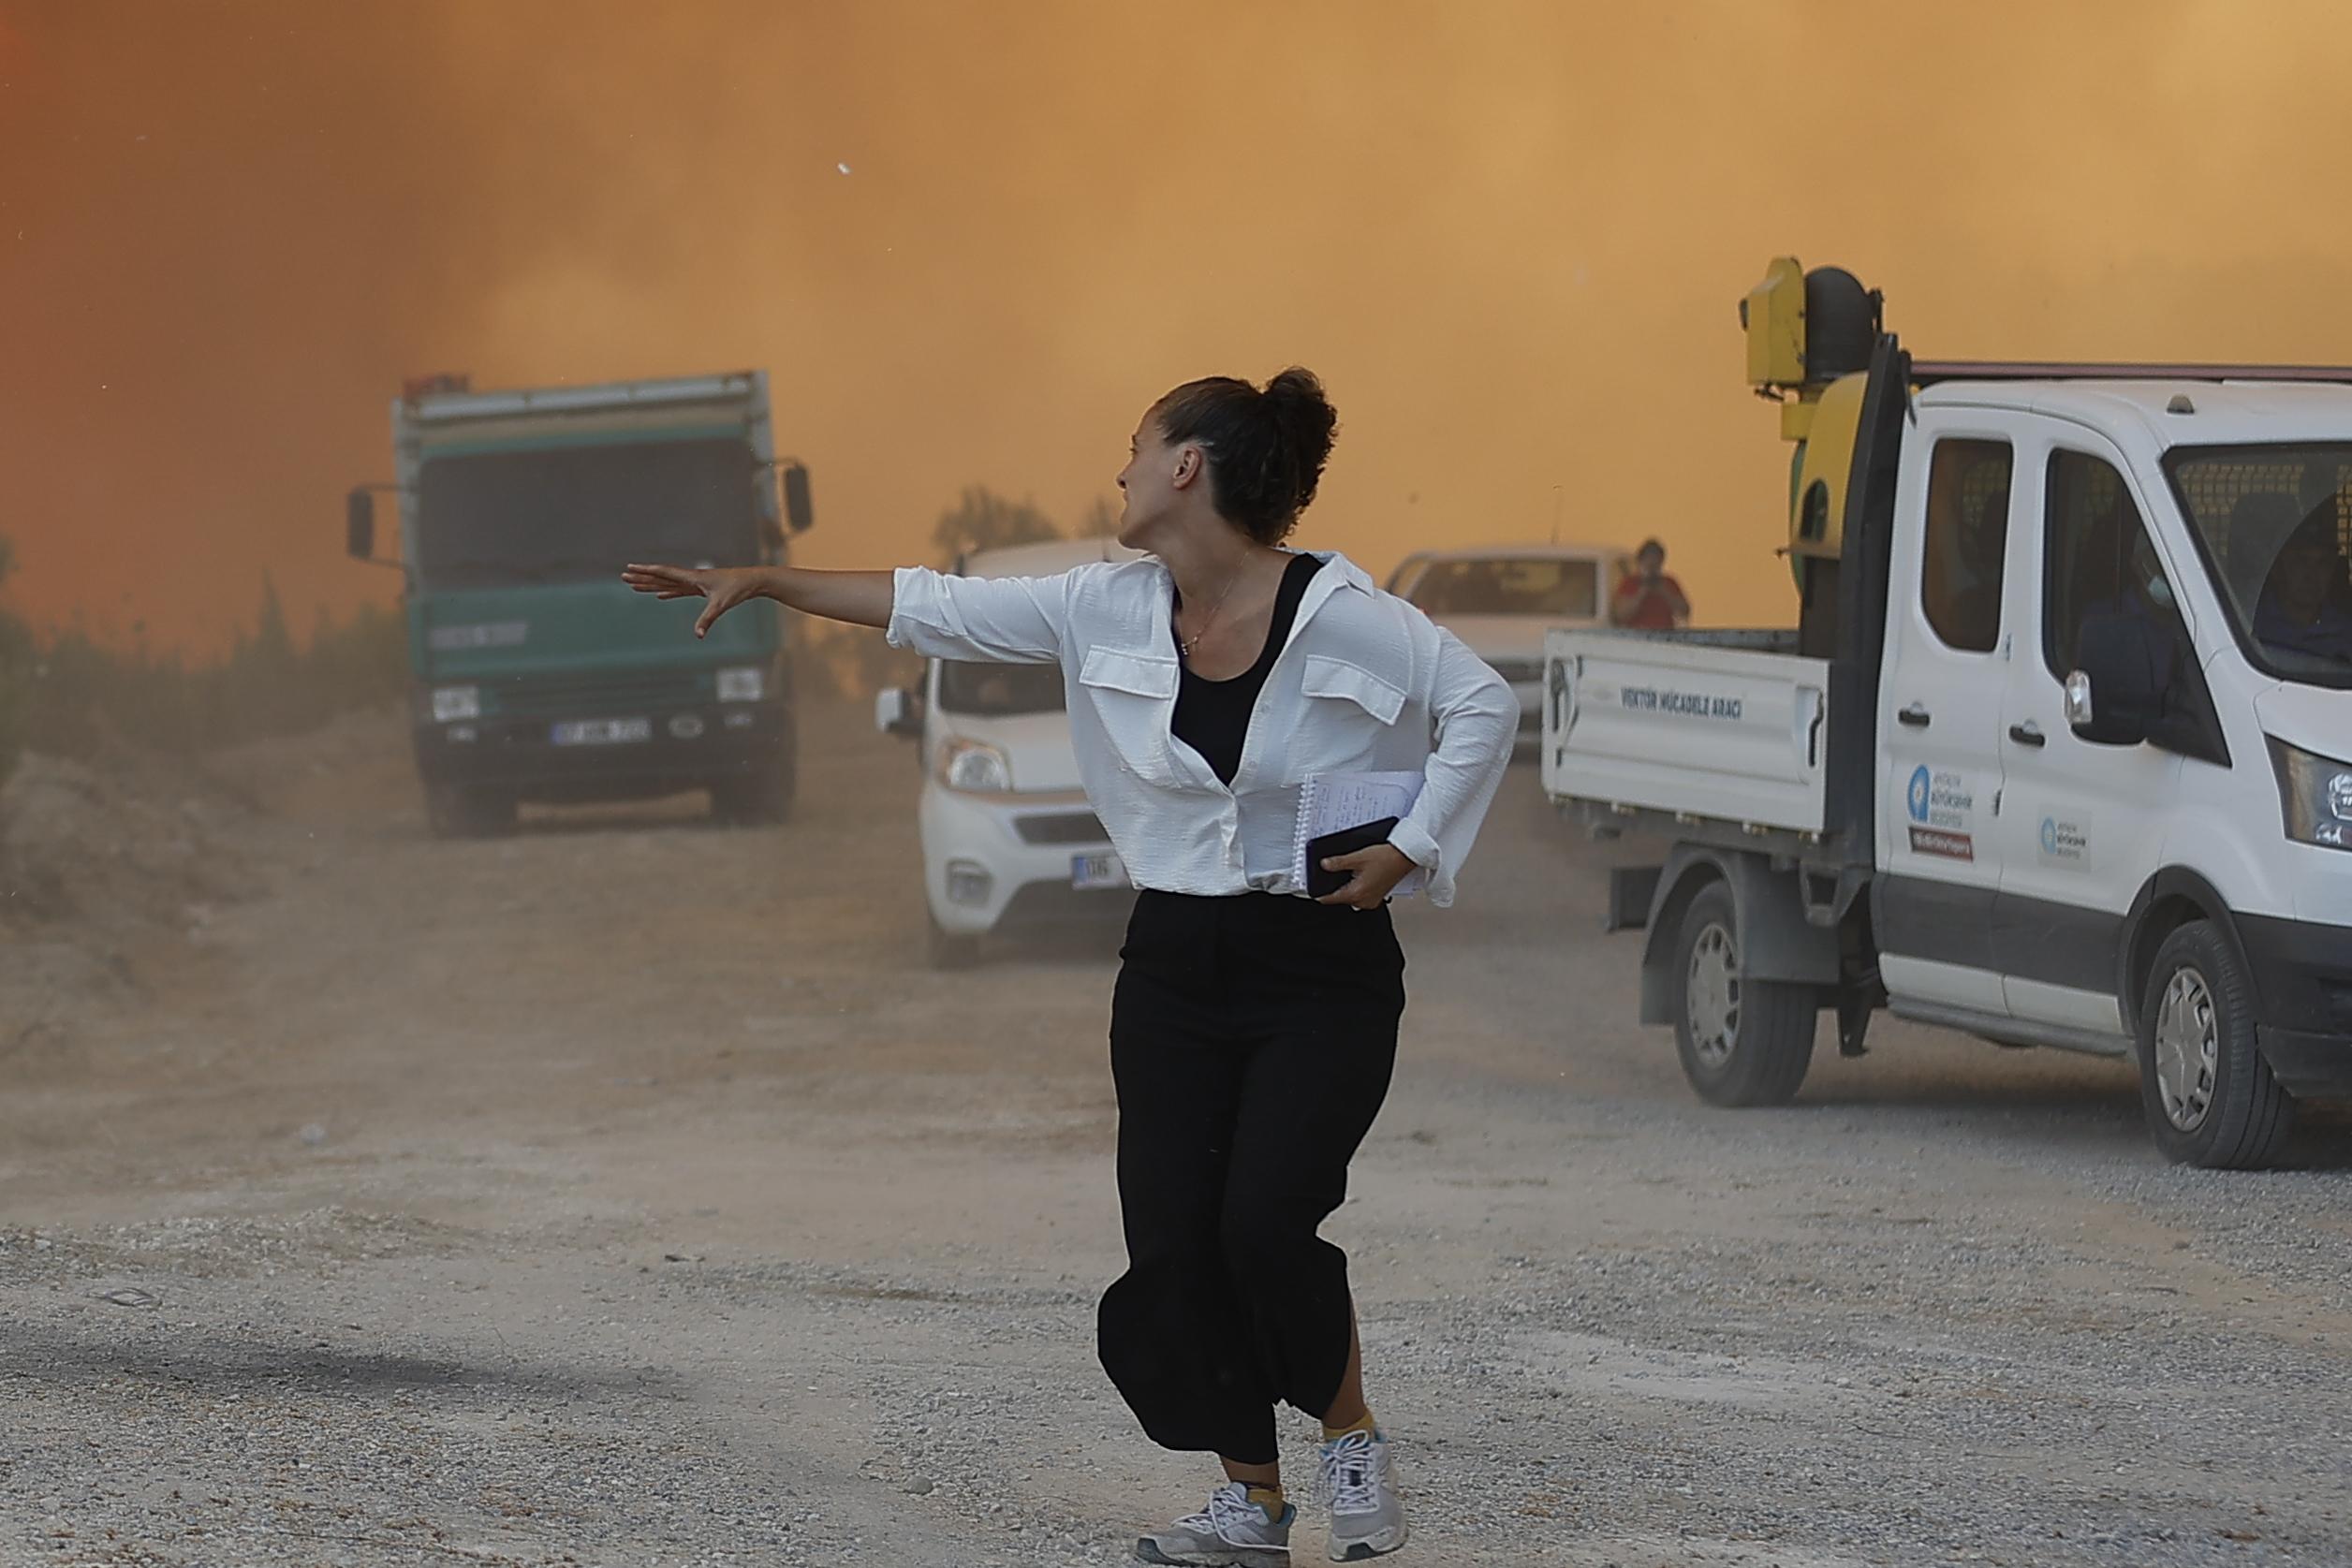 Manavgat'taki orman yangınından 1 acı haber daha! Kamyonuyla su taşıyordu...